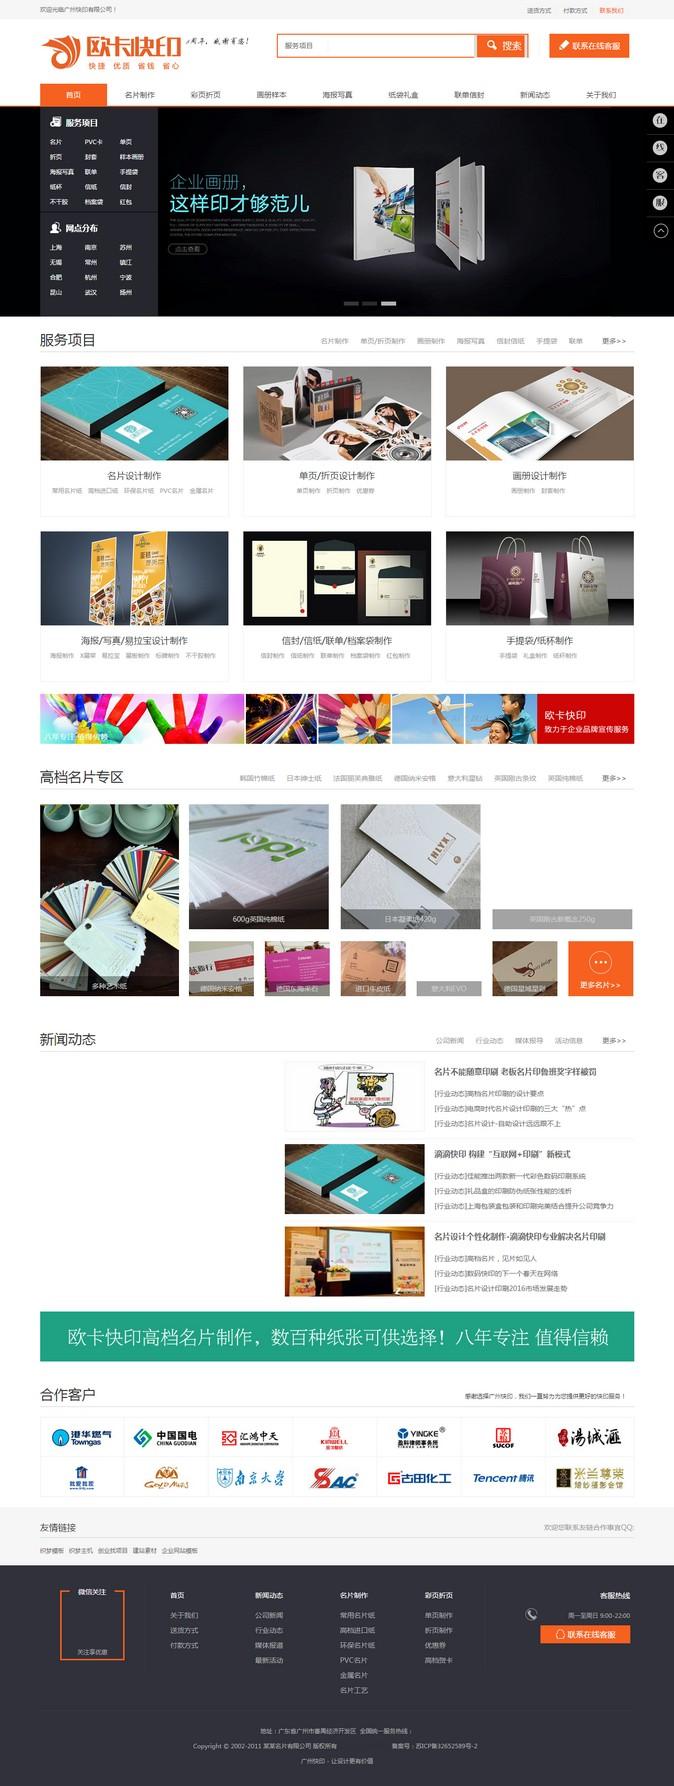 DEDECMS最新大气广告印务印刷行业网站源码 织梦CMS内核开发快印图文设计网站带WAP移动端